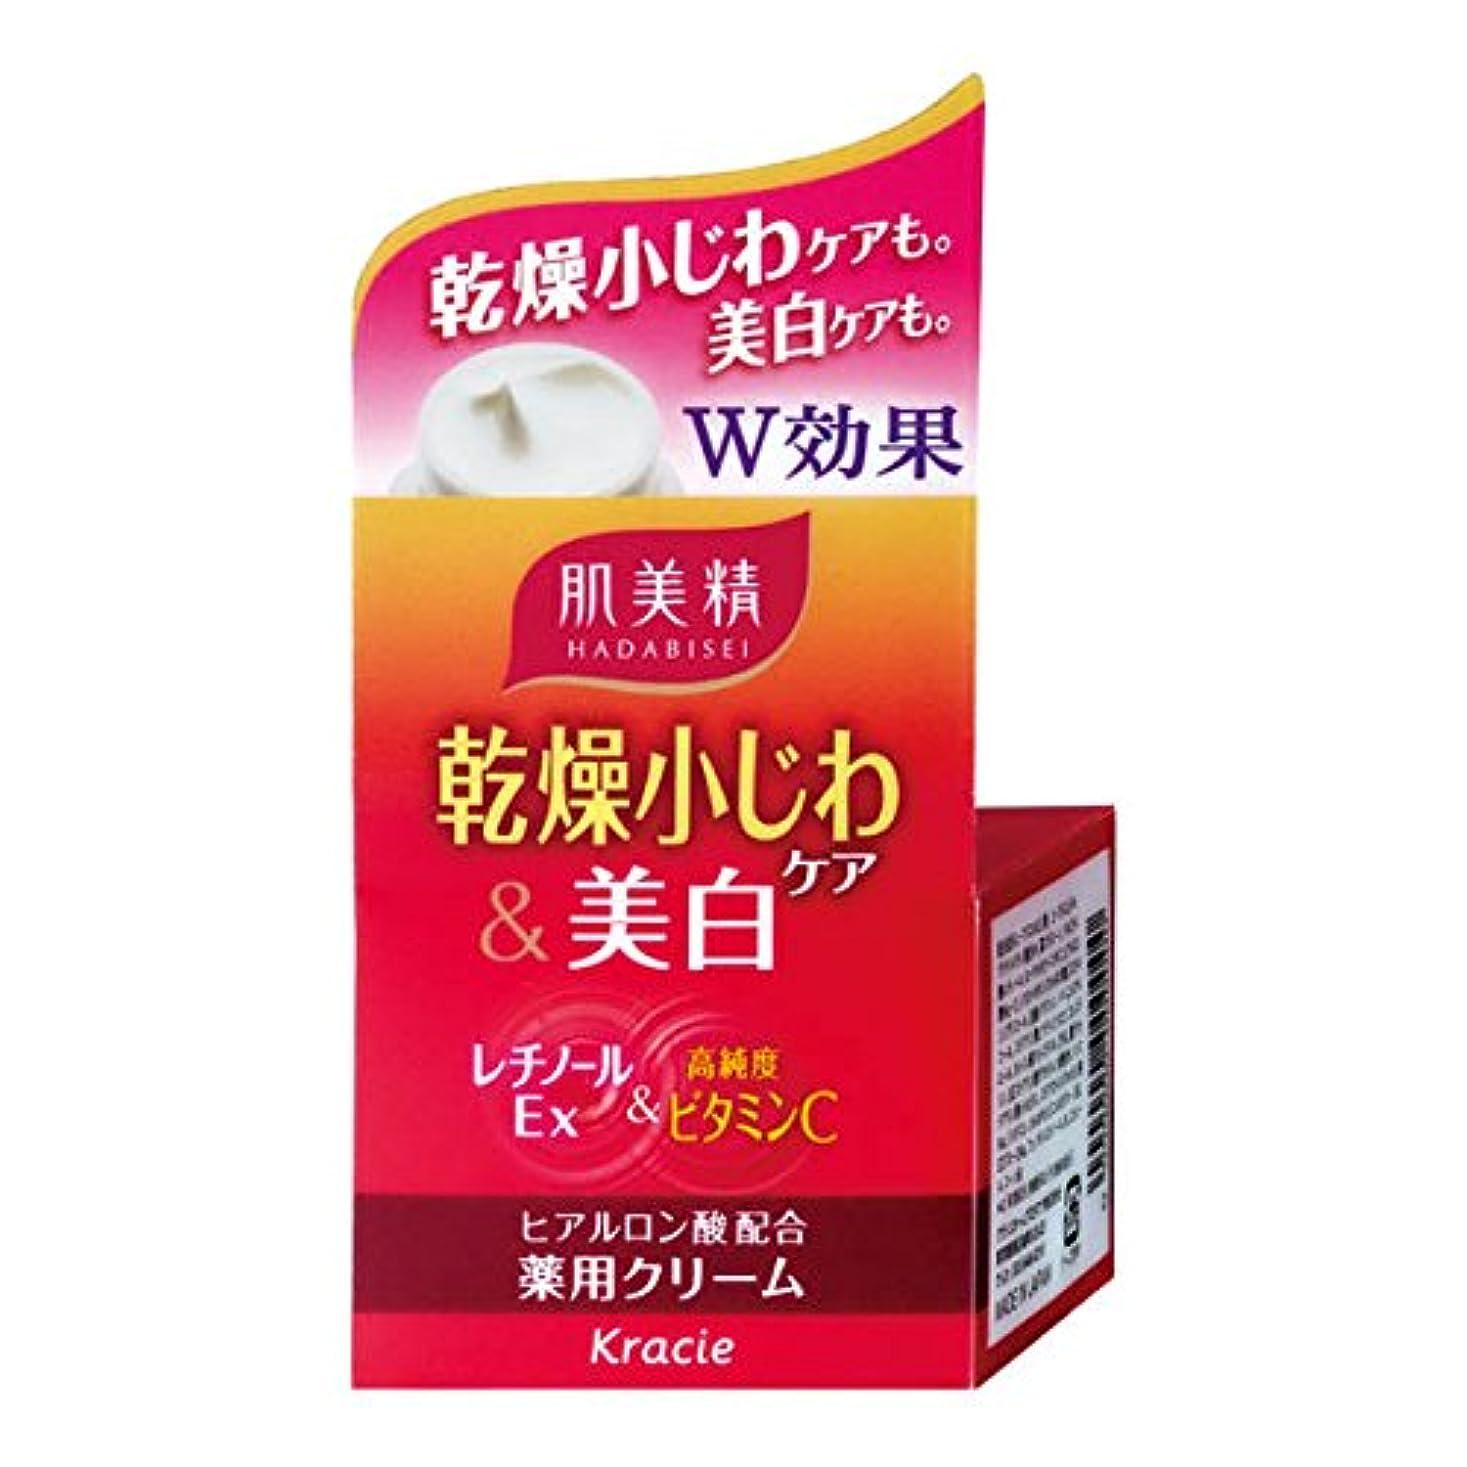 俳優キャビン真似る肌美精 乾燥小じわケア&美白 薬用クリーム 50g 【医薬部外品】